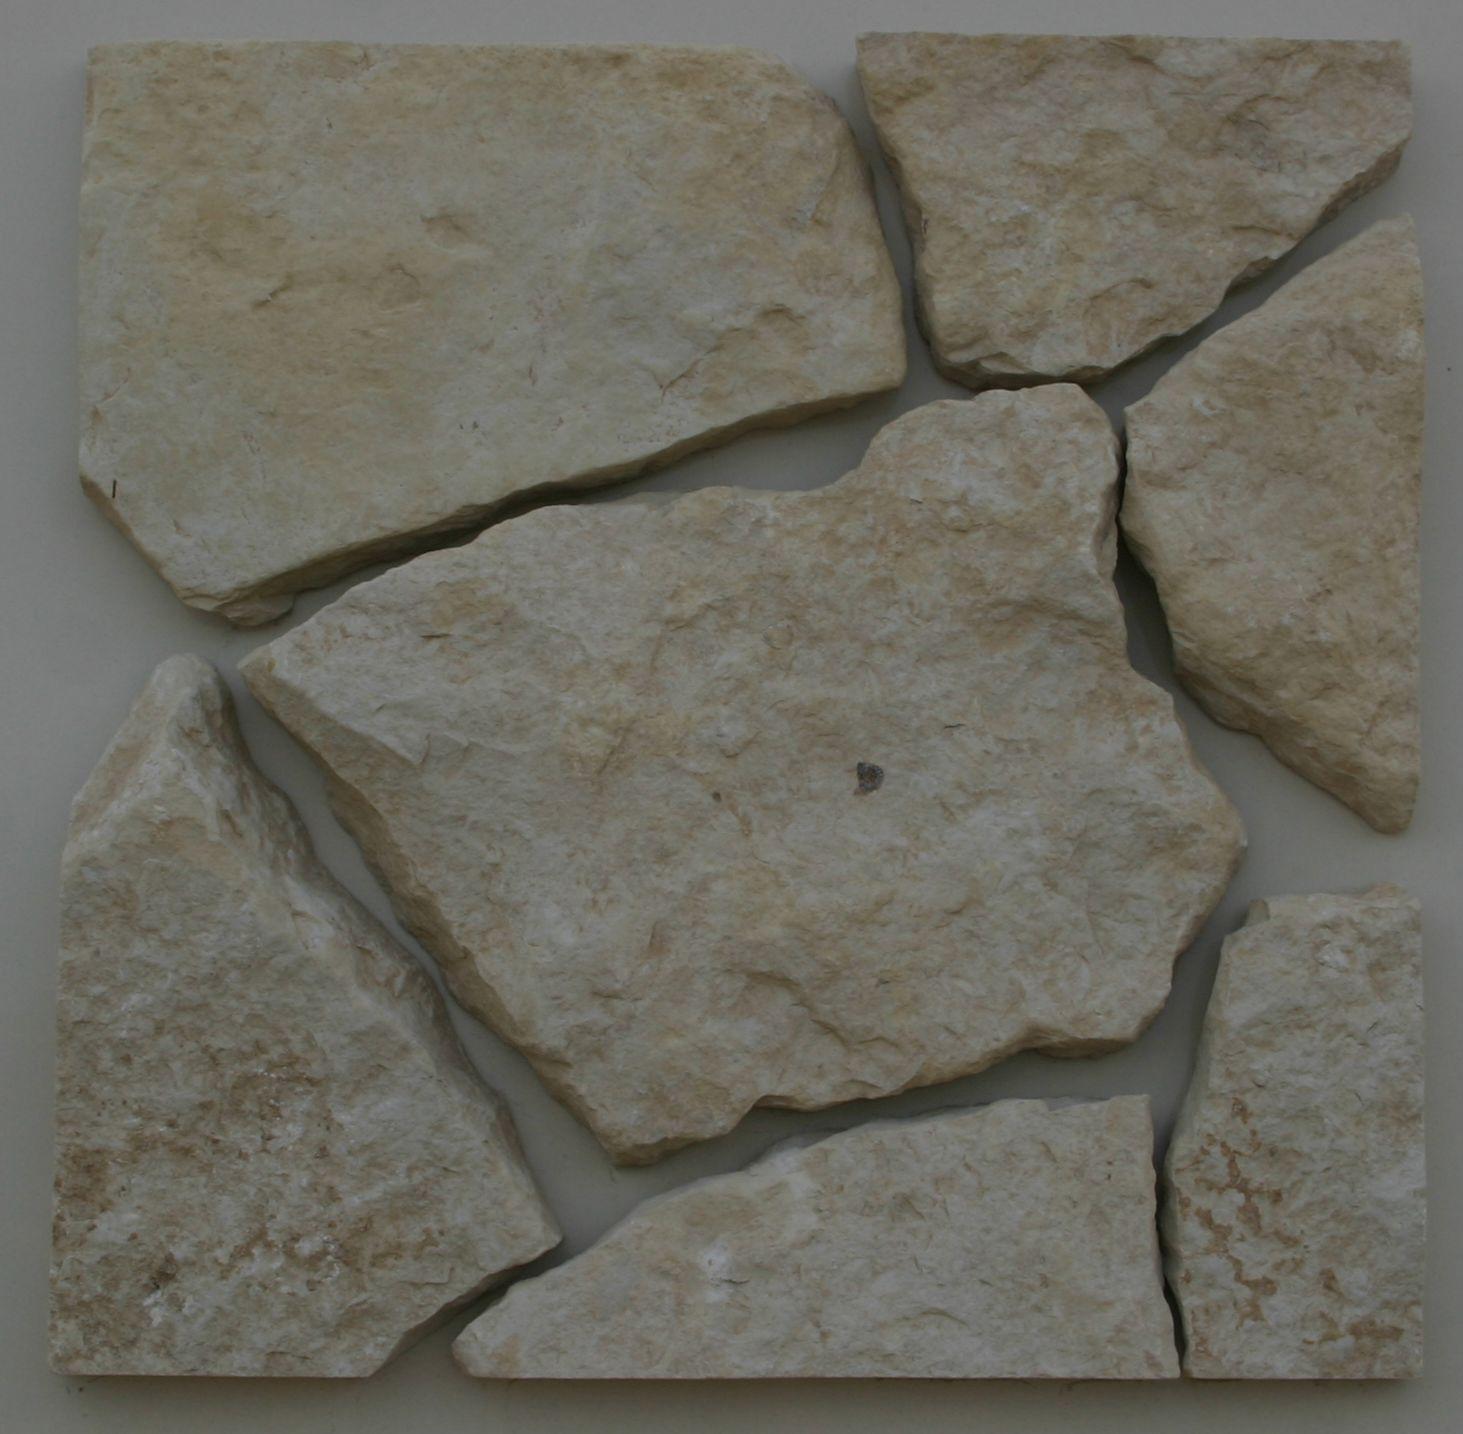 Известняк серый односторонней обработки - добыча и продажа природного камня